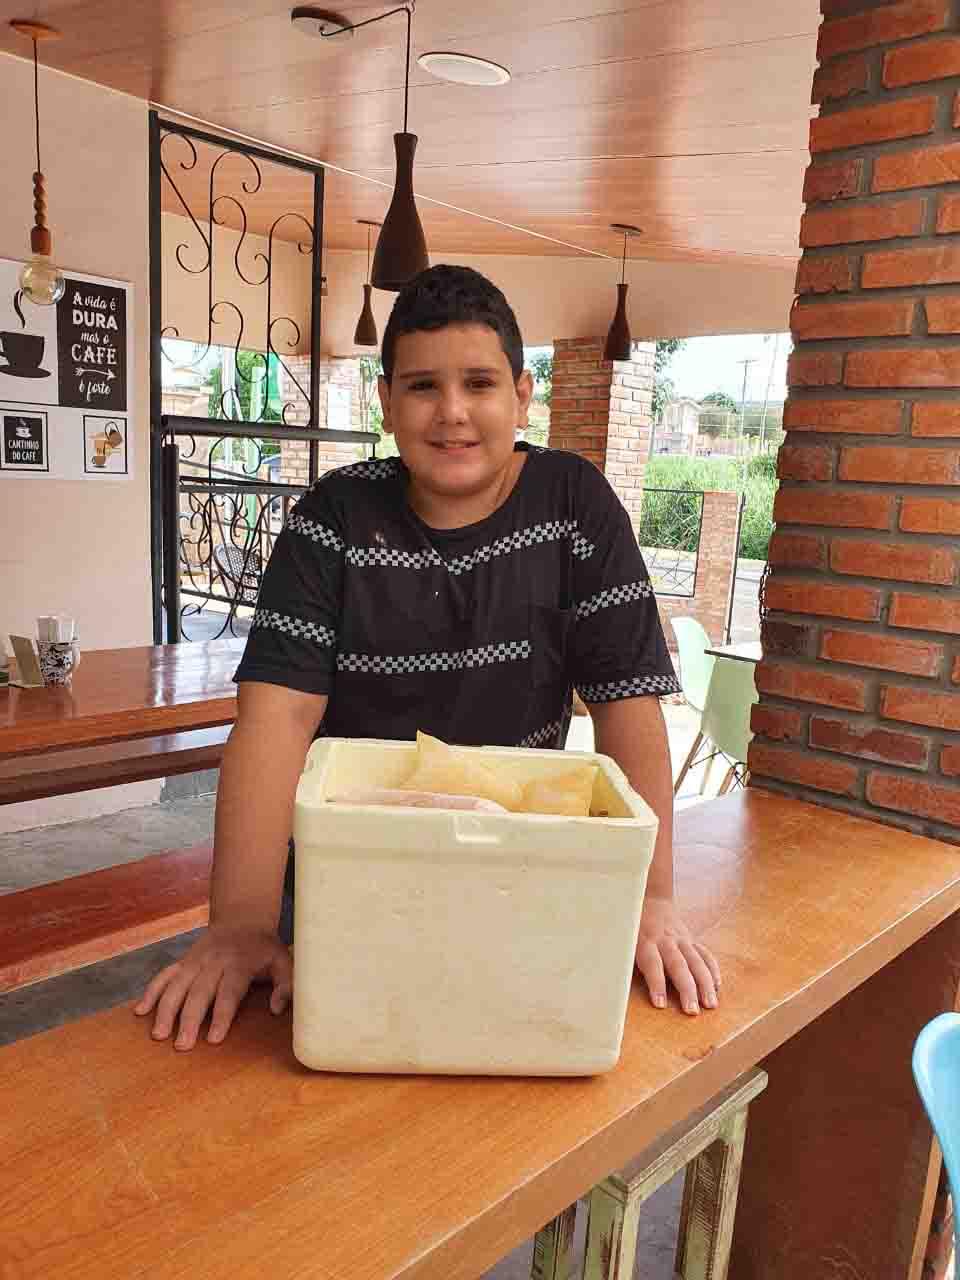 menino sorrindo com caixa de geladinho em cima bancada